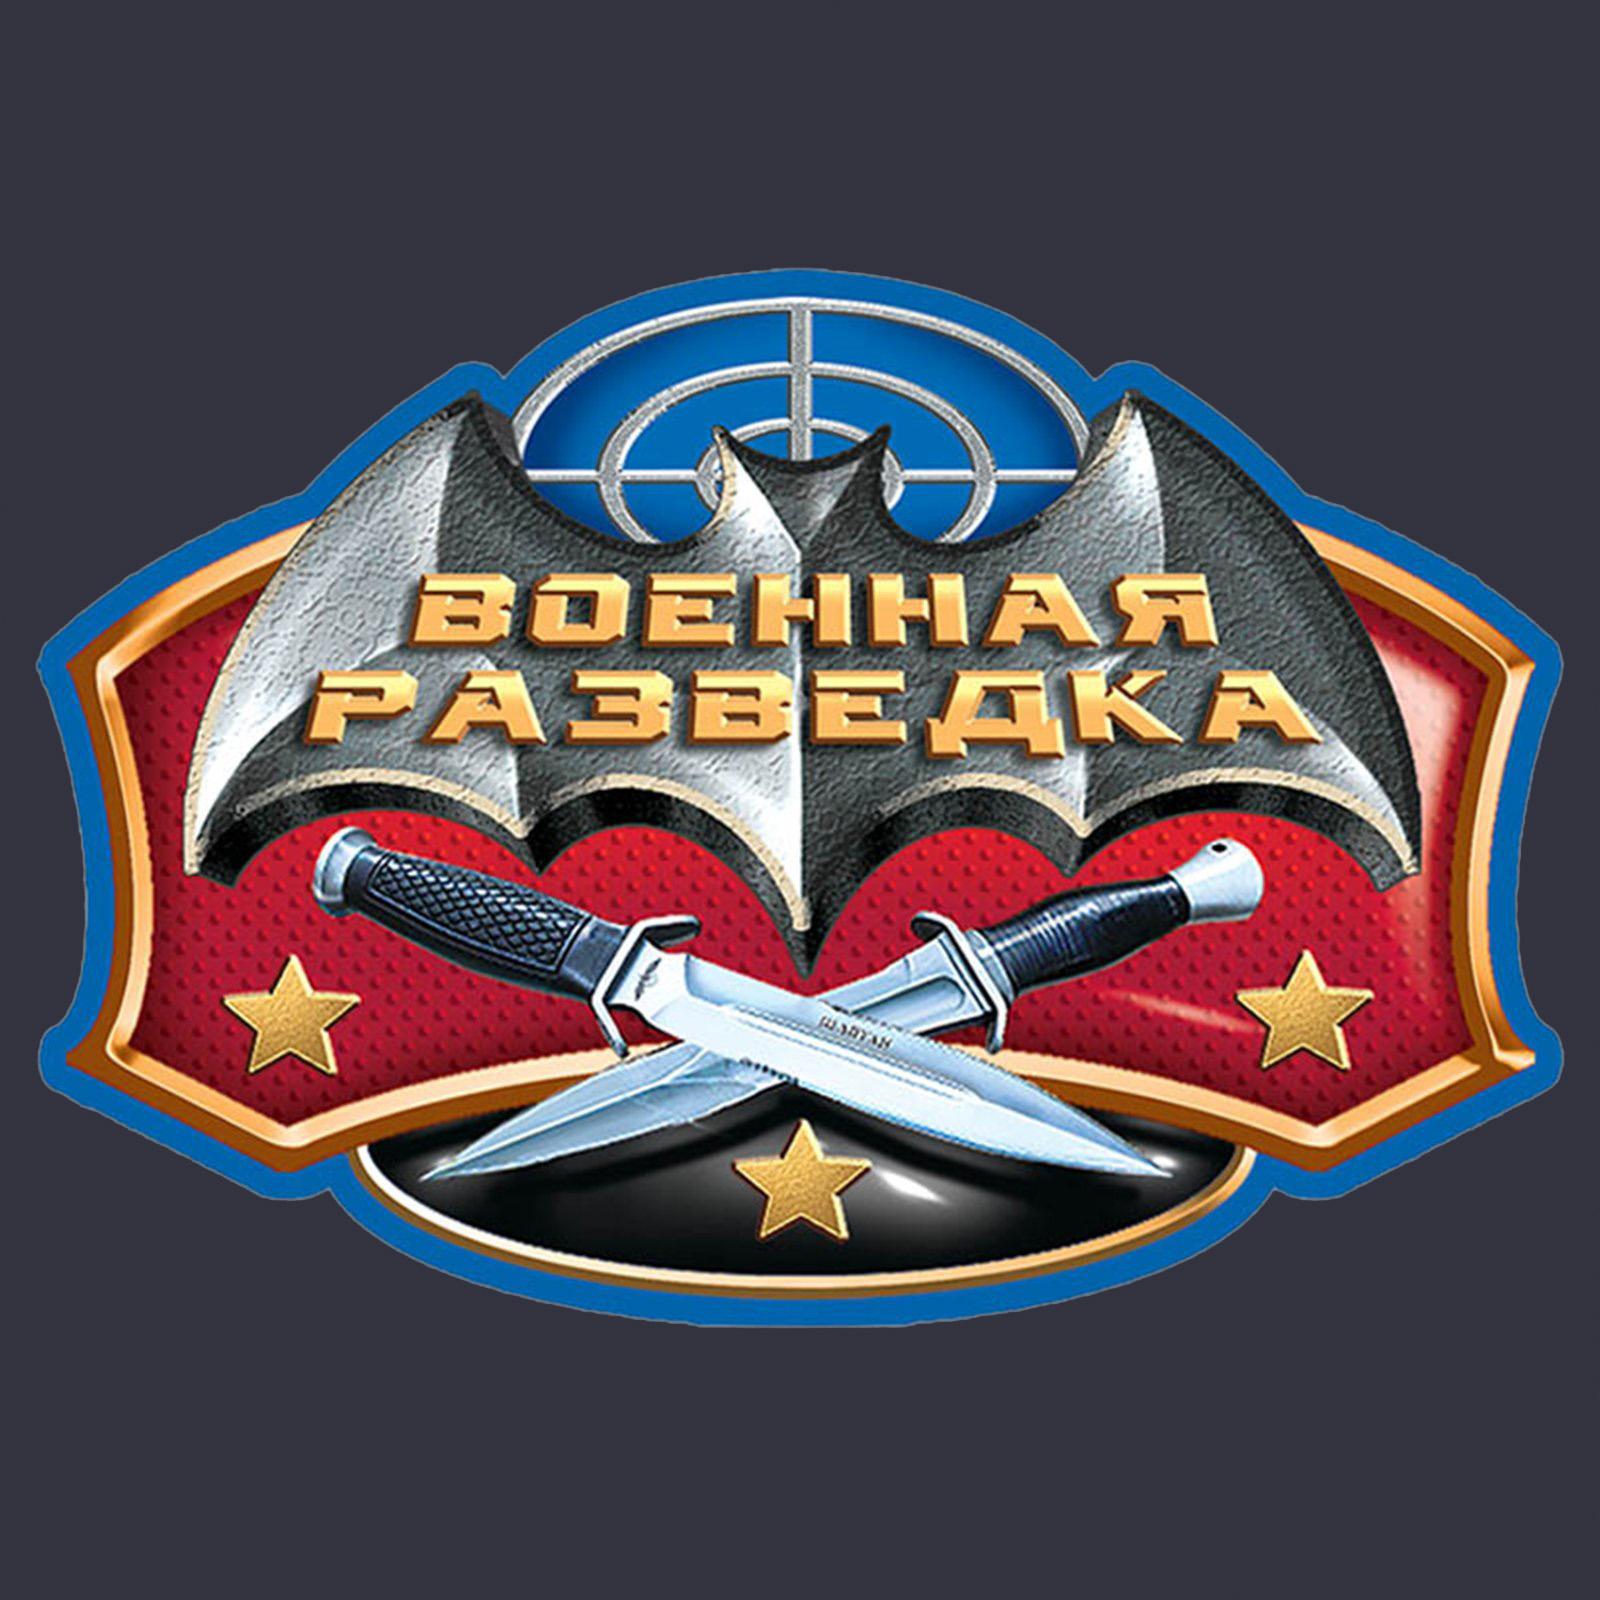 Купить мужскую темно-синюю бейсболку с термотрансфером ВОЕННАЯ РАЗВЕДКА по низкой цене